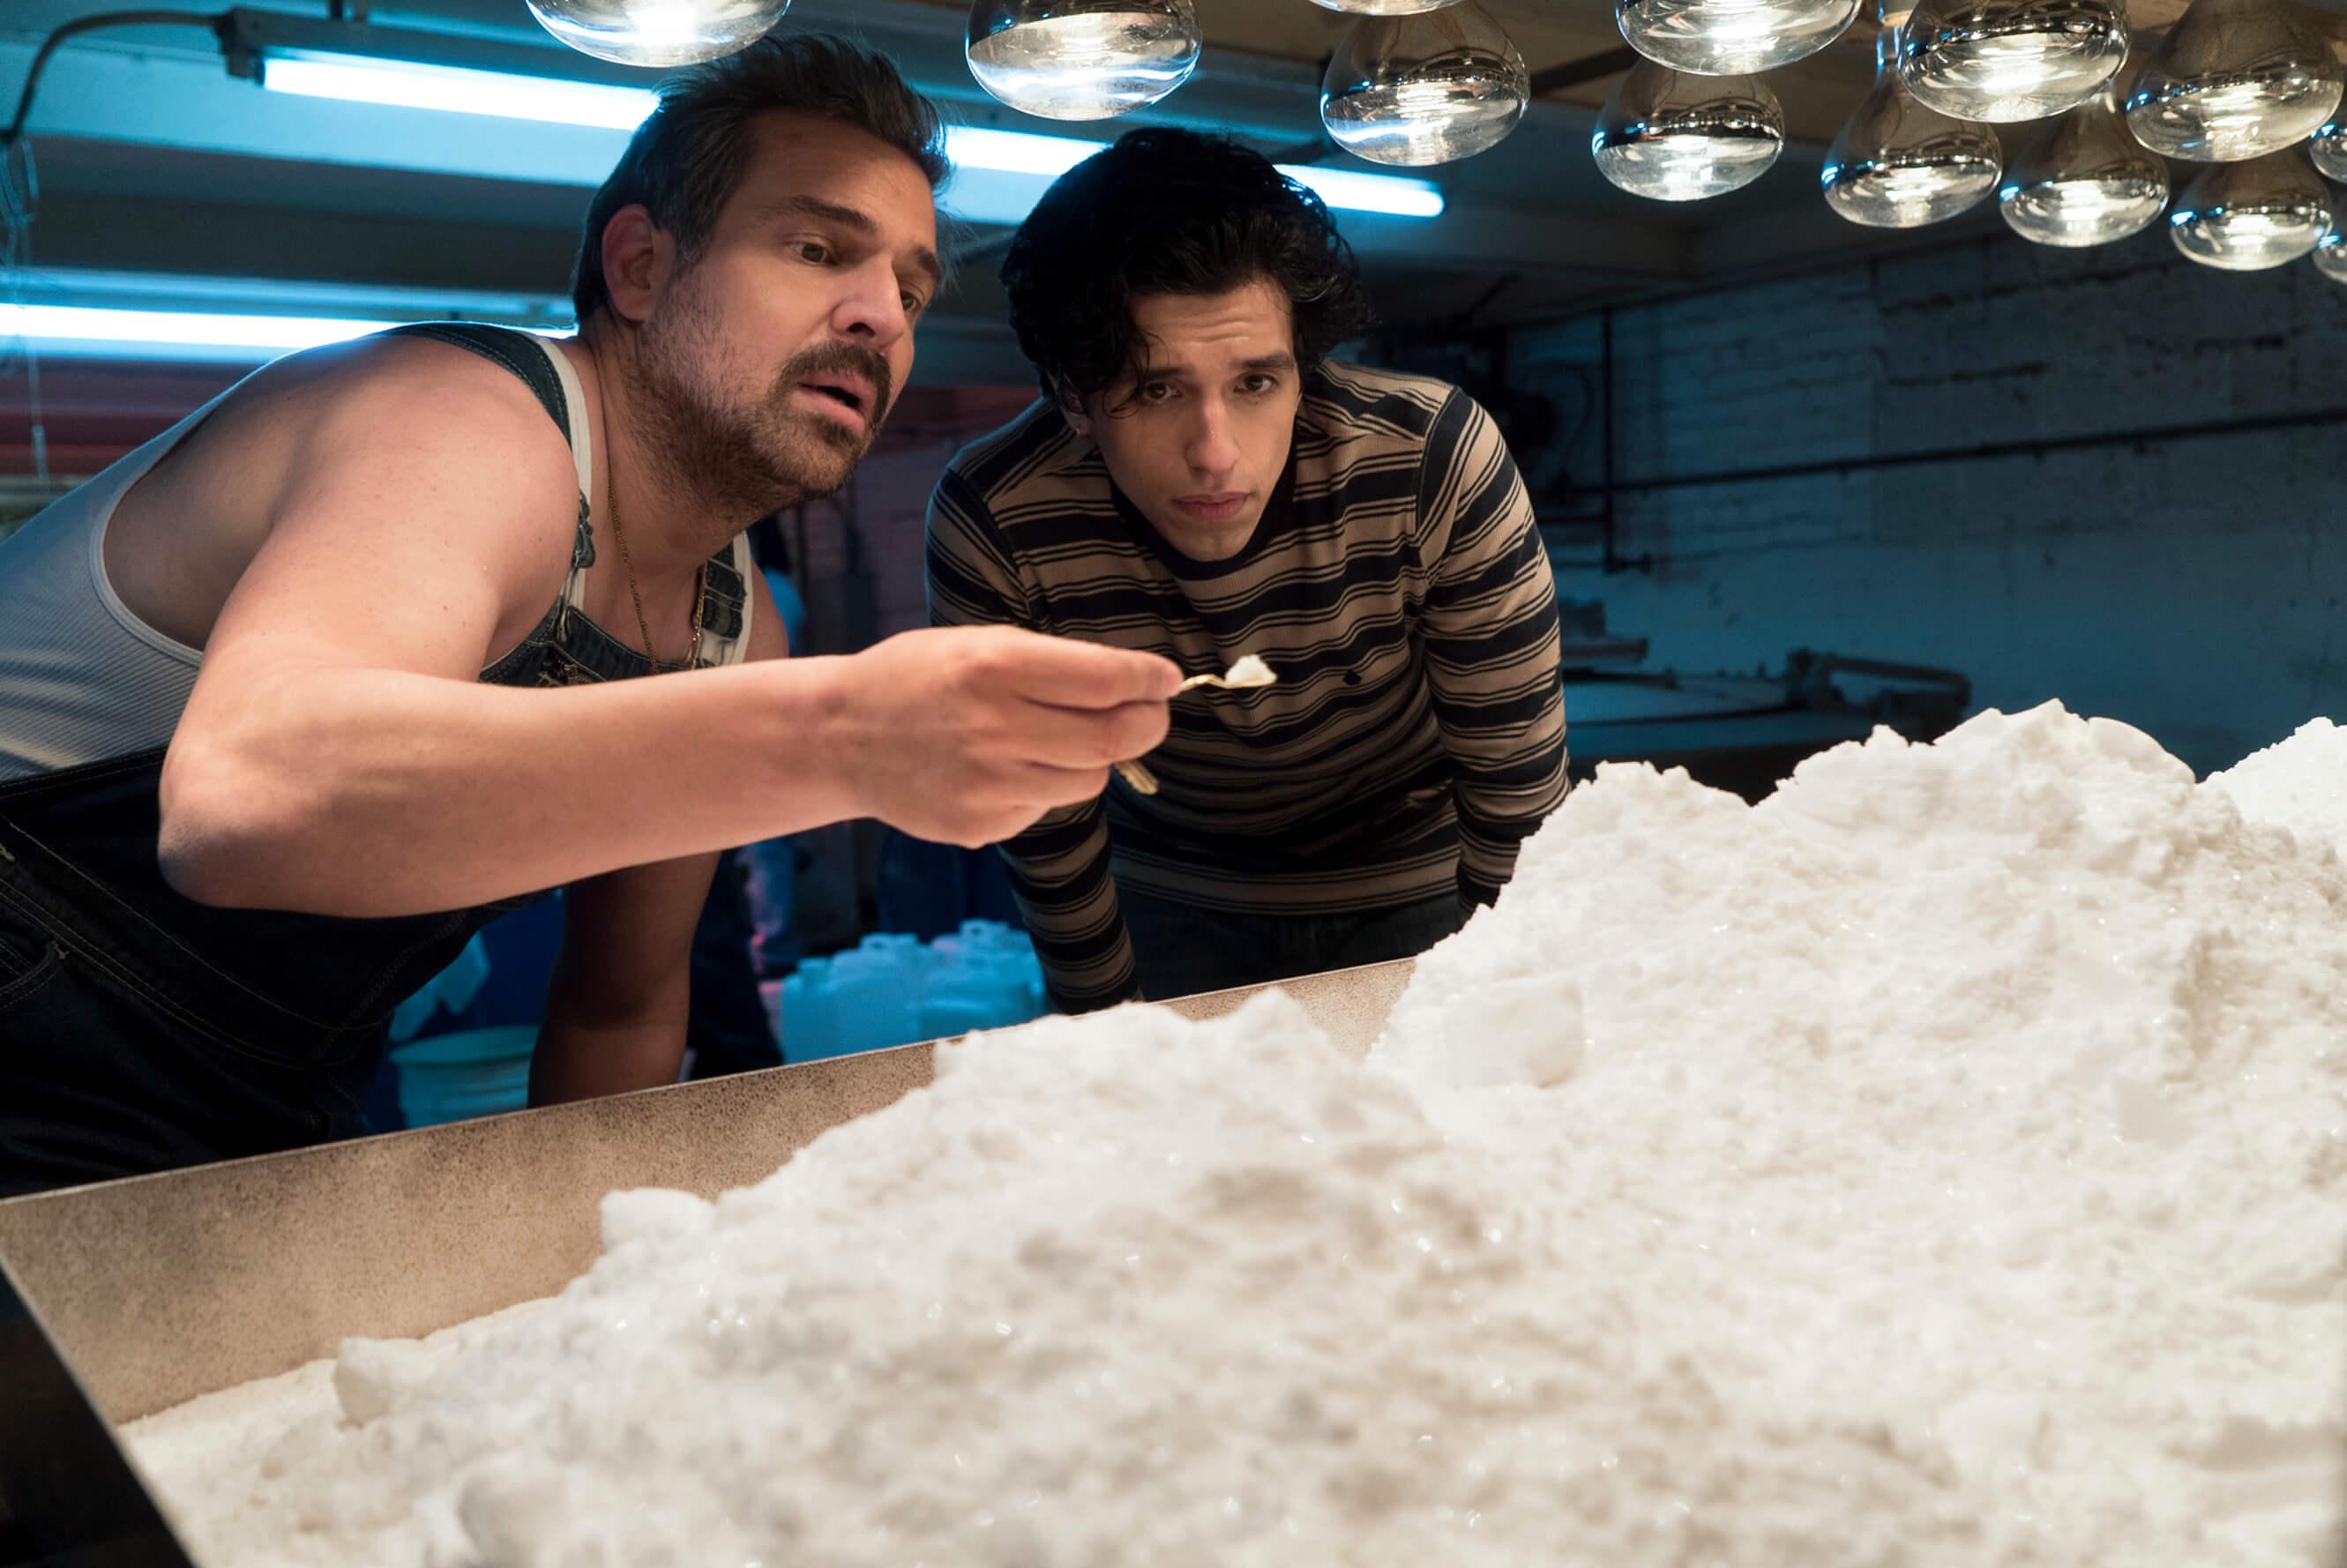 Gaumont lleva a Narcos por primera vez a la TV lineal